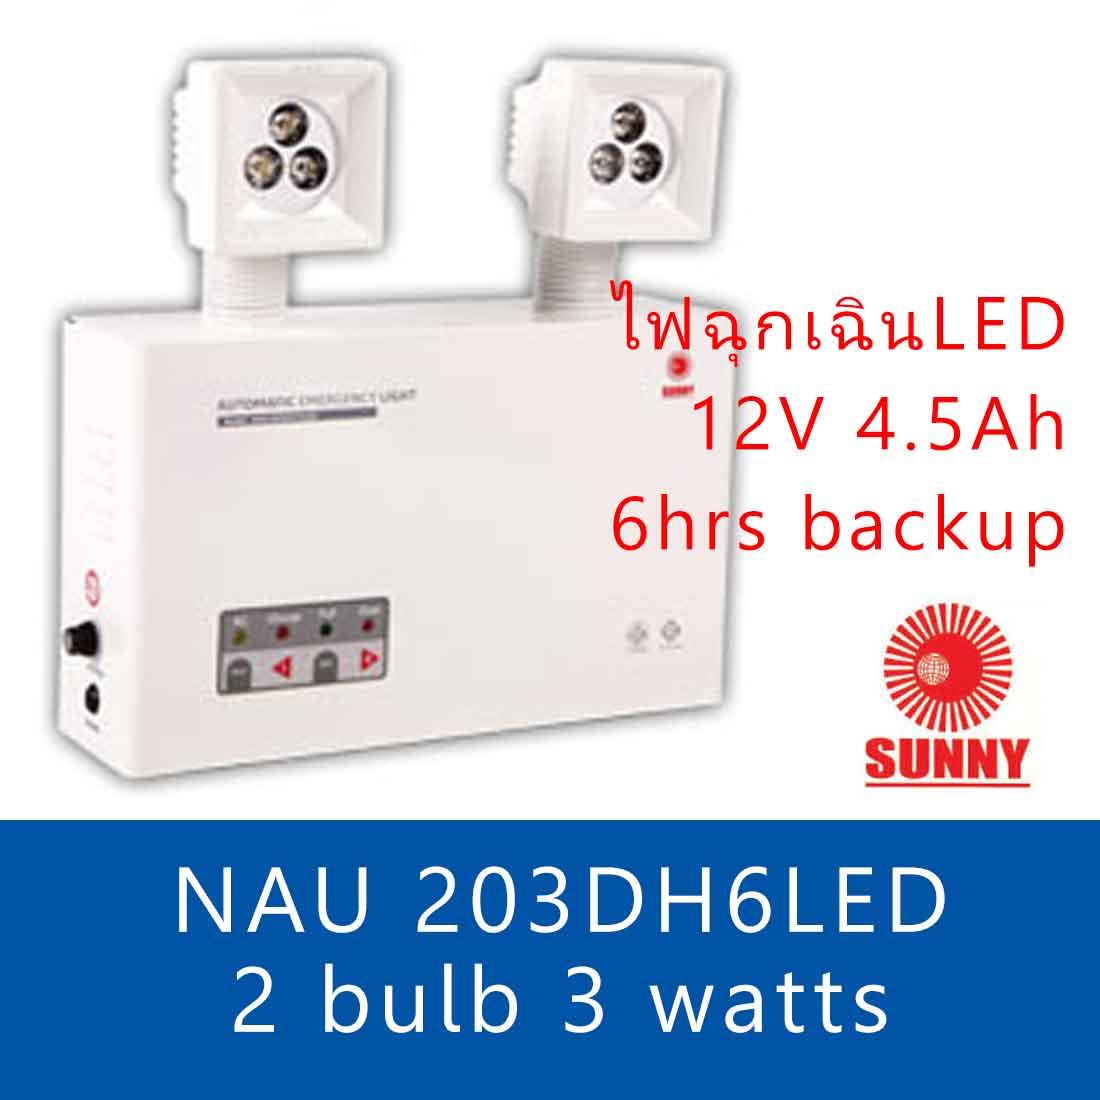 โคมไฟฉุกเฉิน LED 2 หลอด 3 watt 12V 4.5Ah 6hrs NAU203DH6LED SUNNY